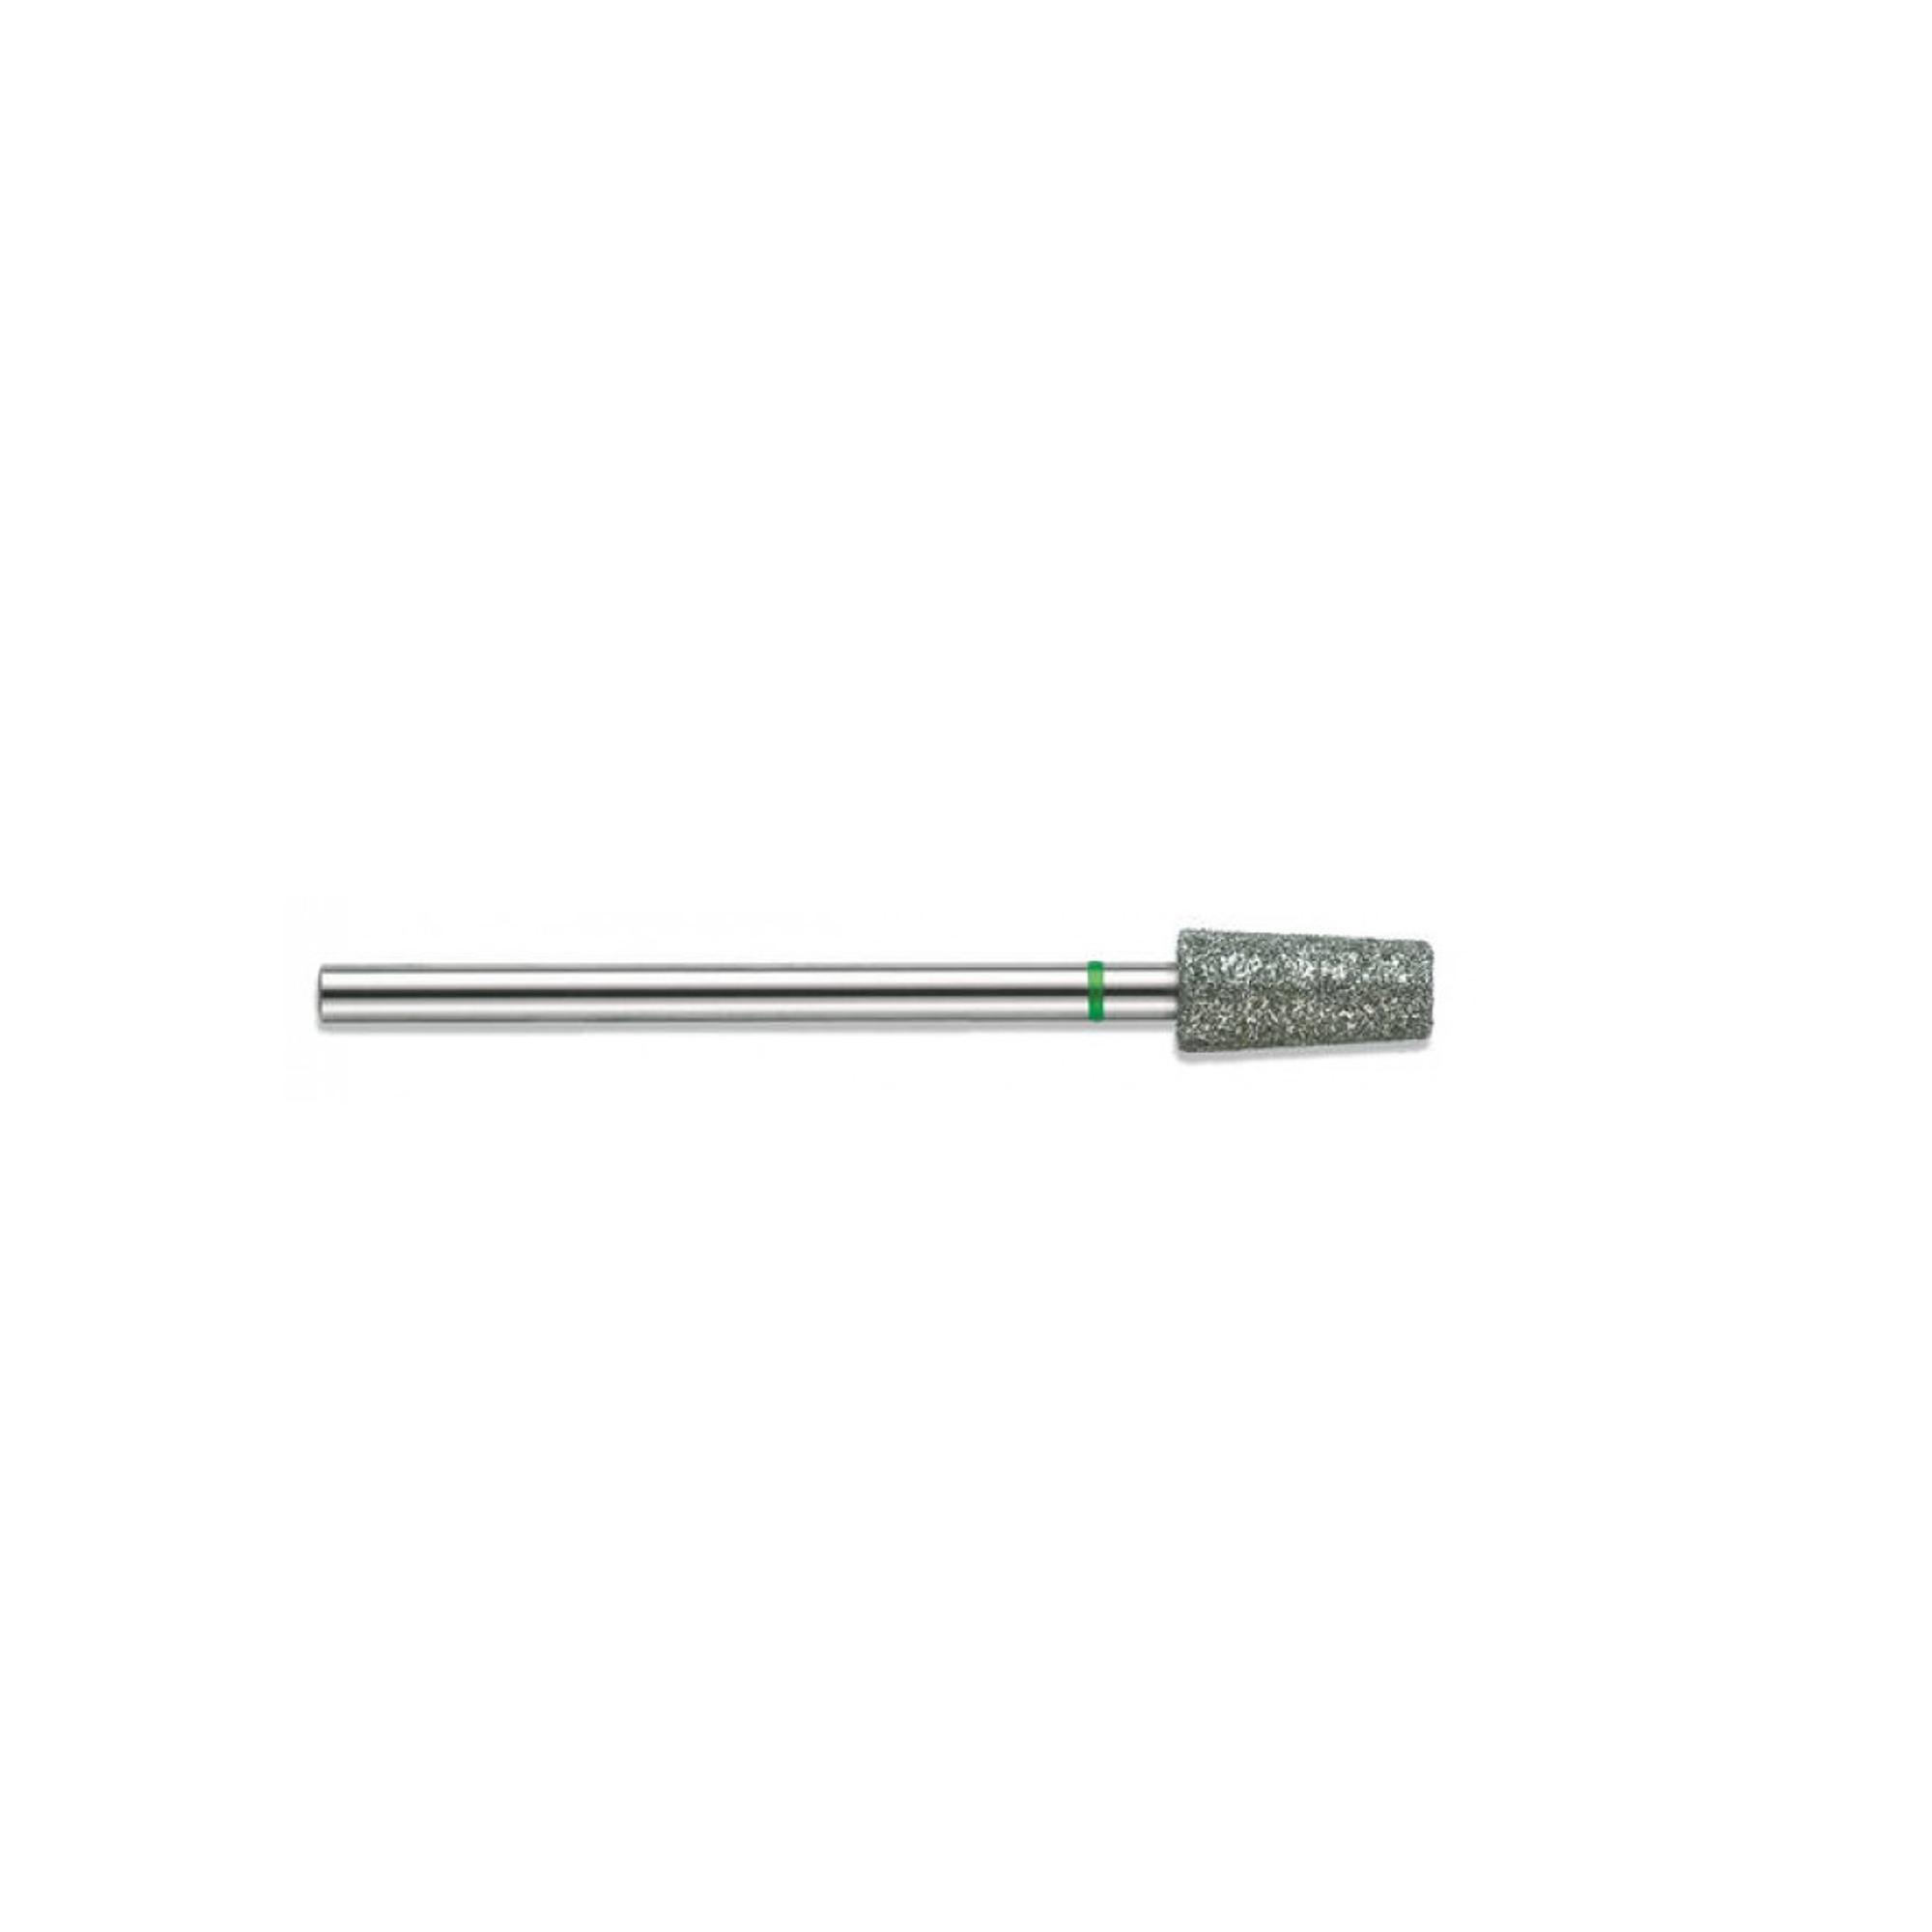 Fraise diamantée standard - Abrasion des callosités et dégrossissage de l'ongle - Gros grain - ø5mm